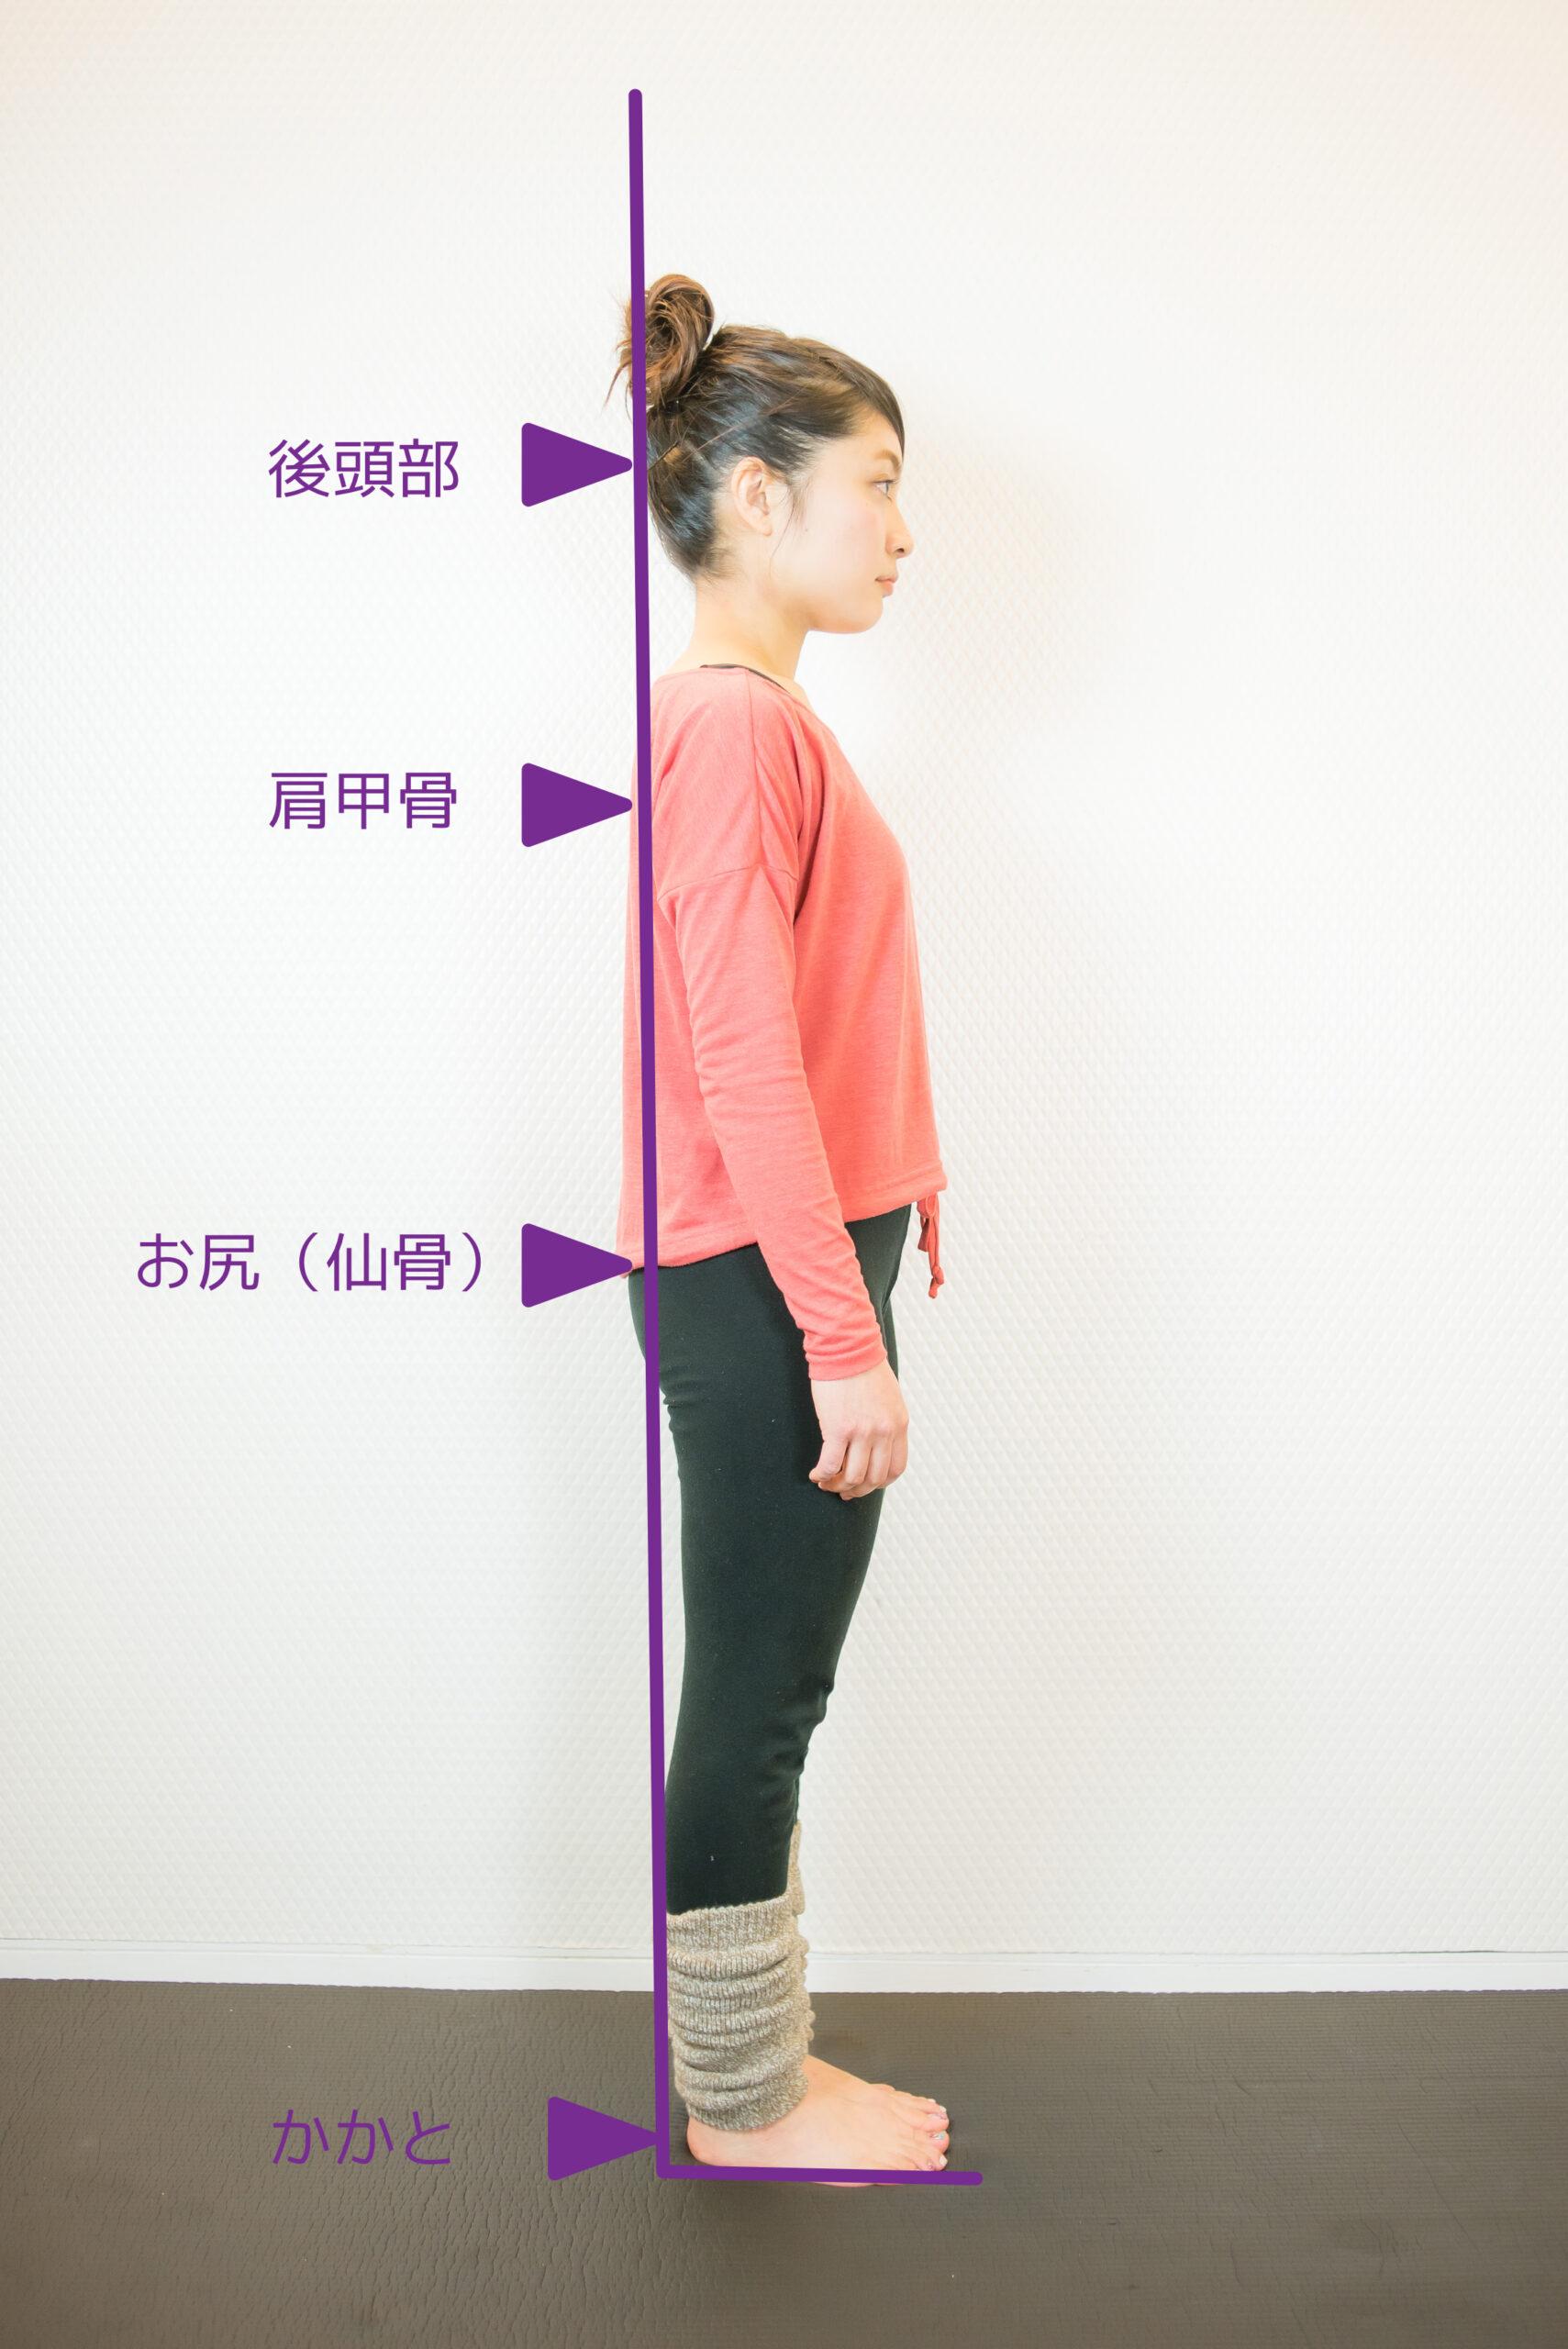 壁を使った姿勢のチェック